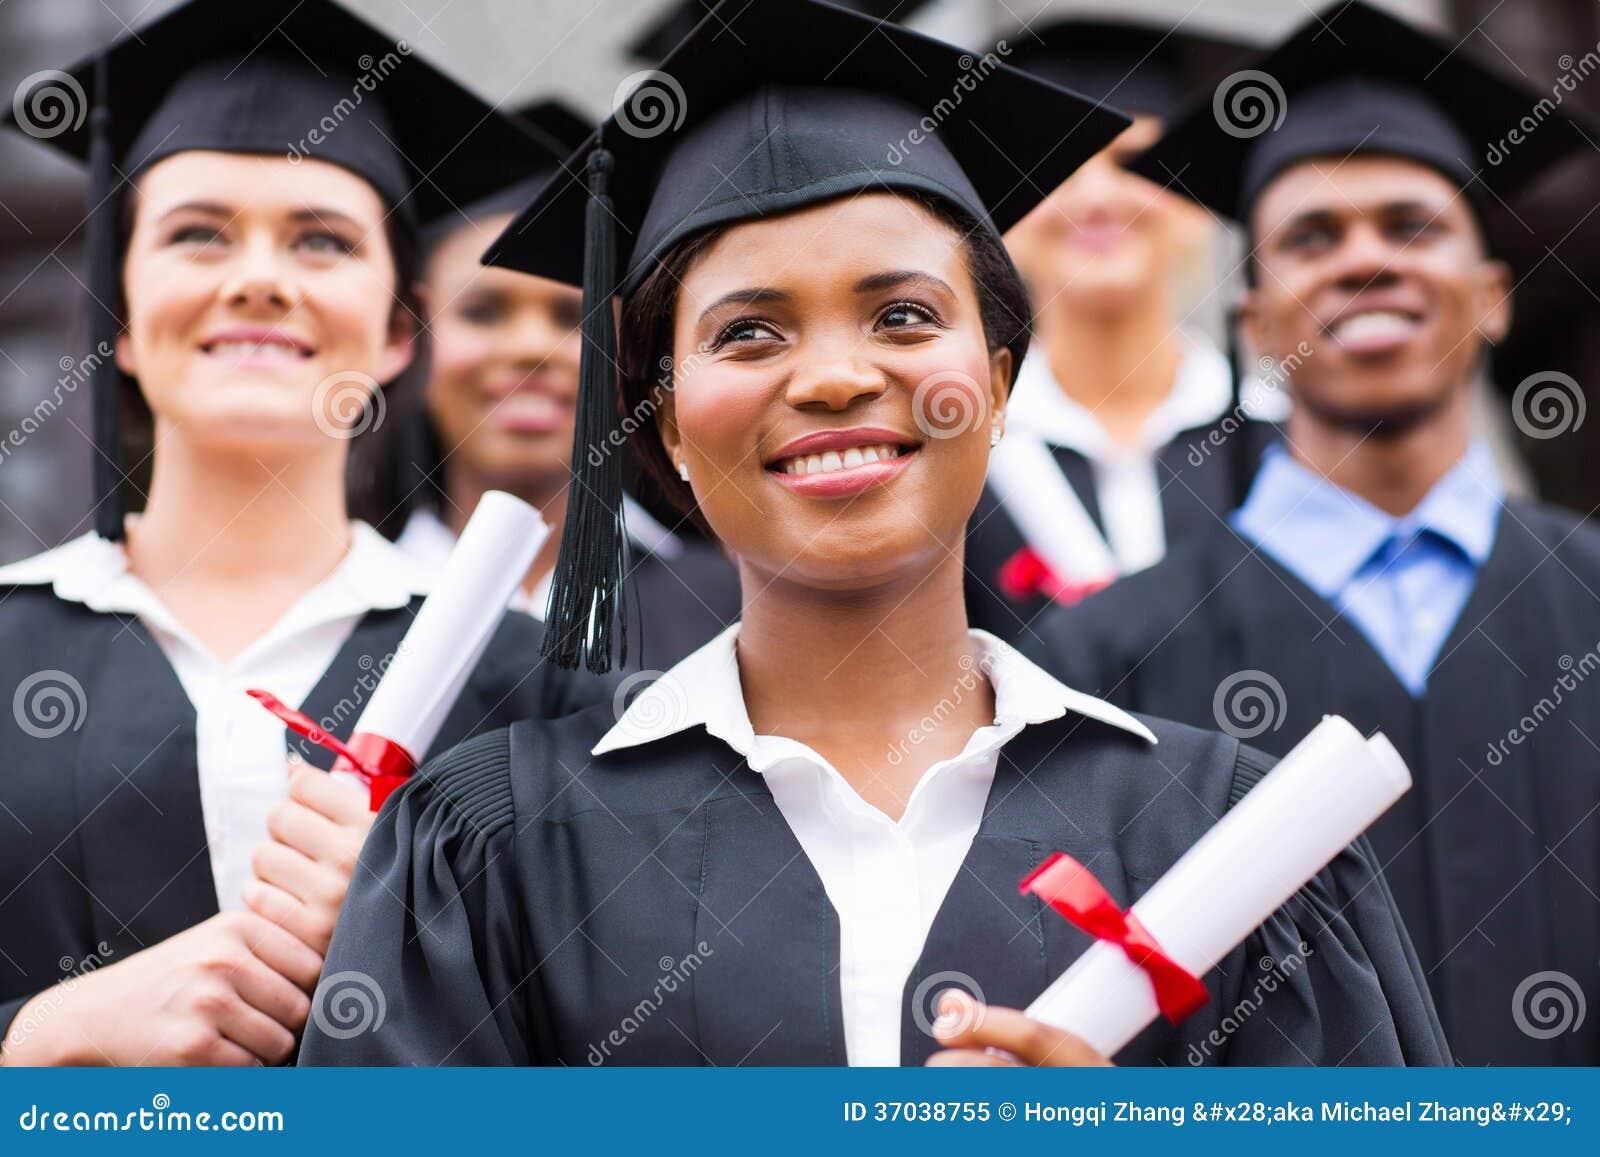 Optimistische universitaire gediplomeerden